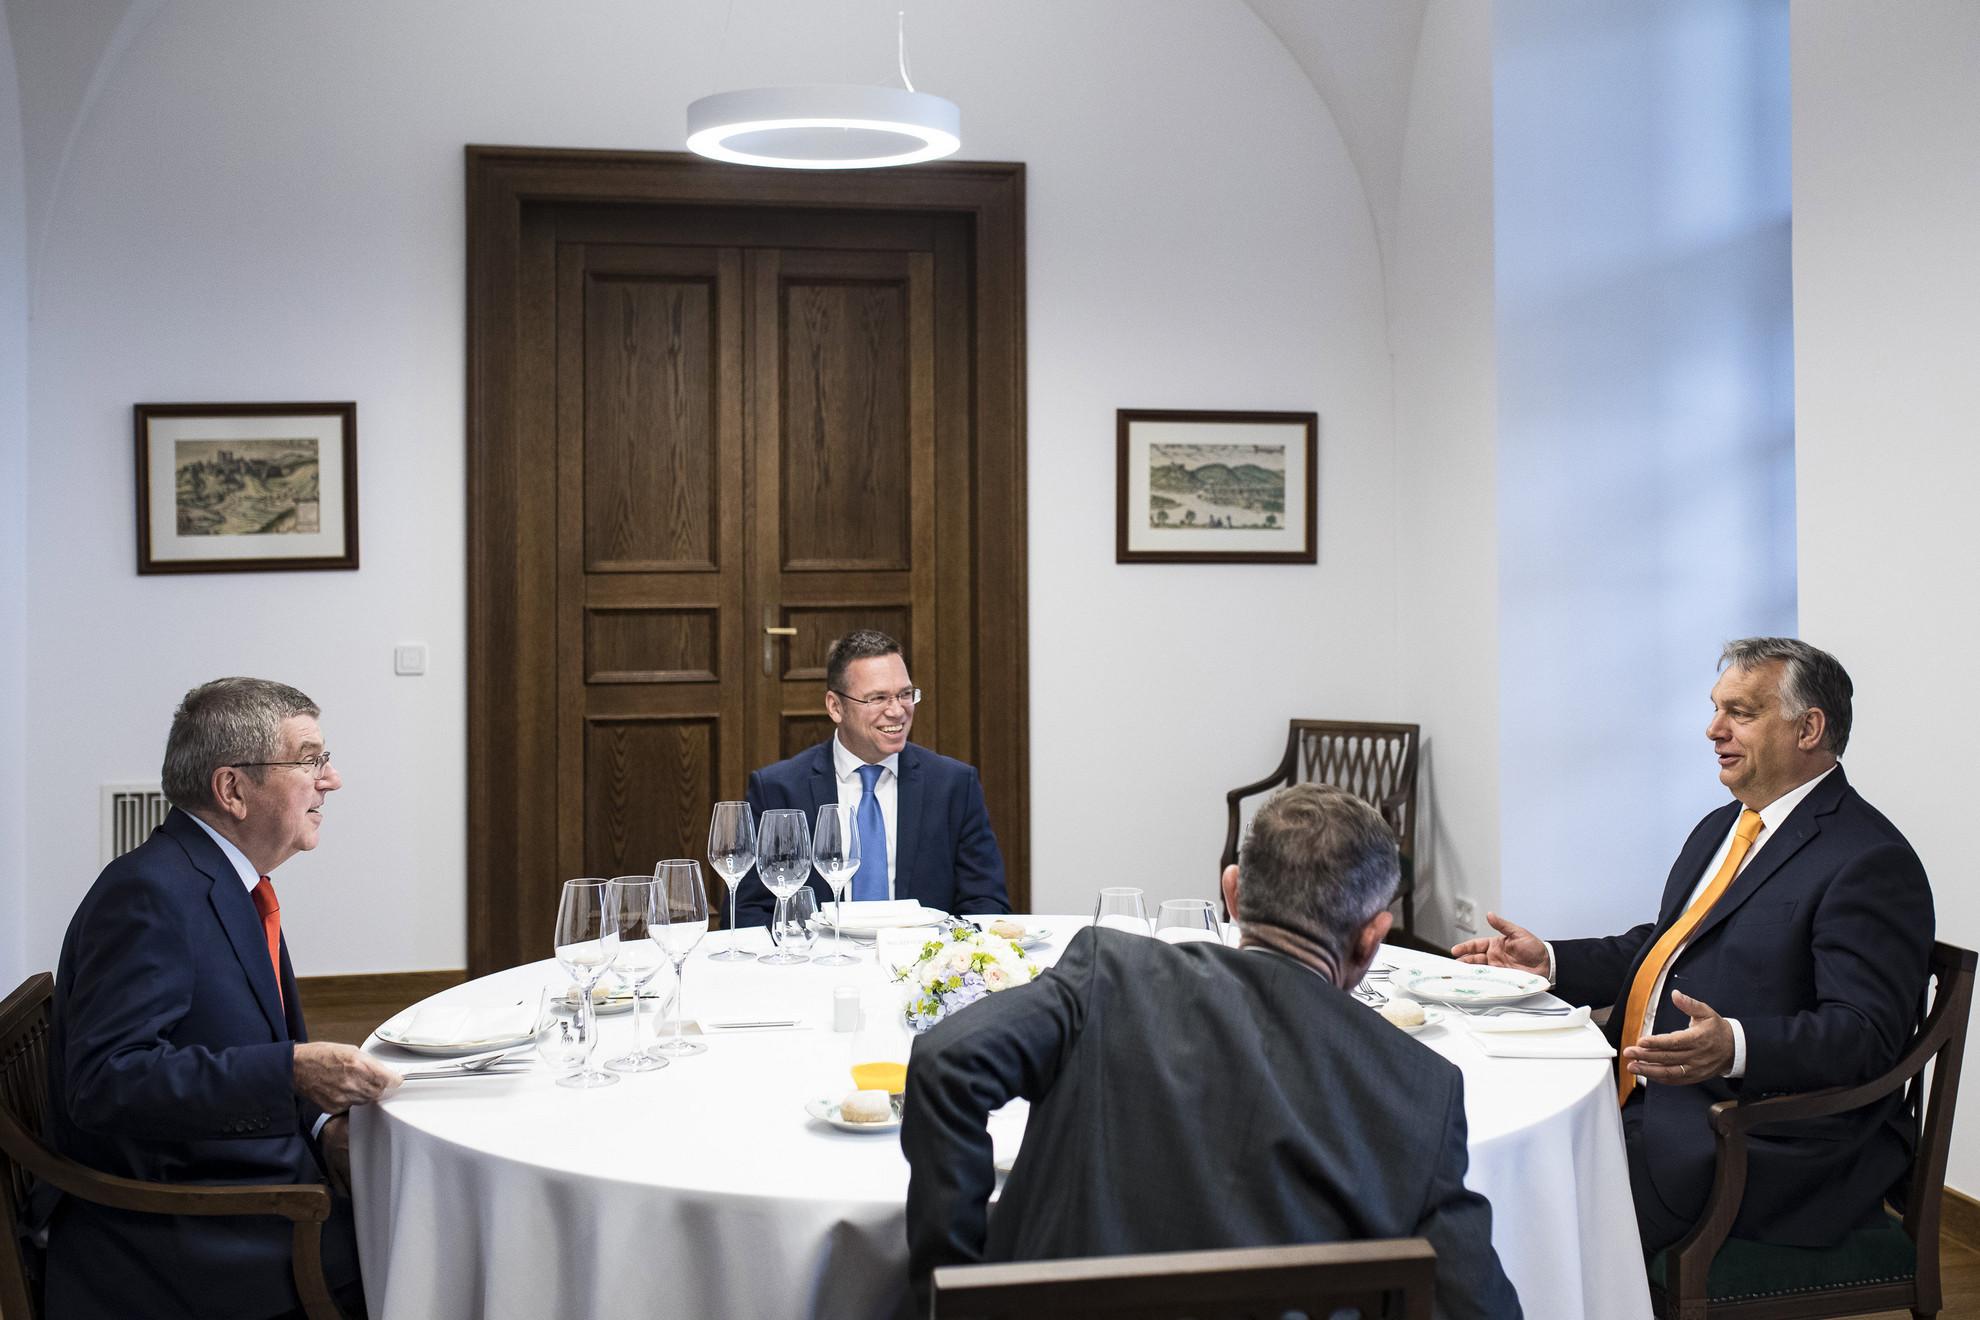 Orbán Viktor miniszterelnök (j) és a Nemzetközi Olimpiai Bizottság elnöke, Thomas Bach (b) találkozója a Karmelita kolostorban. Szemben középen Fürjes Balázs nemzetközi sportpályázatokért felelős kormánybiztos